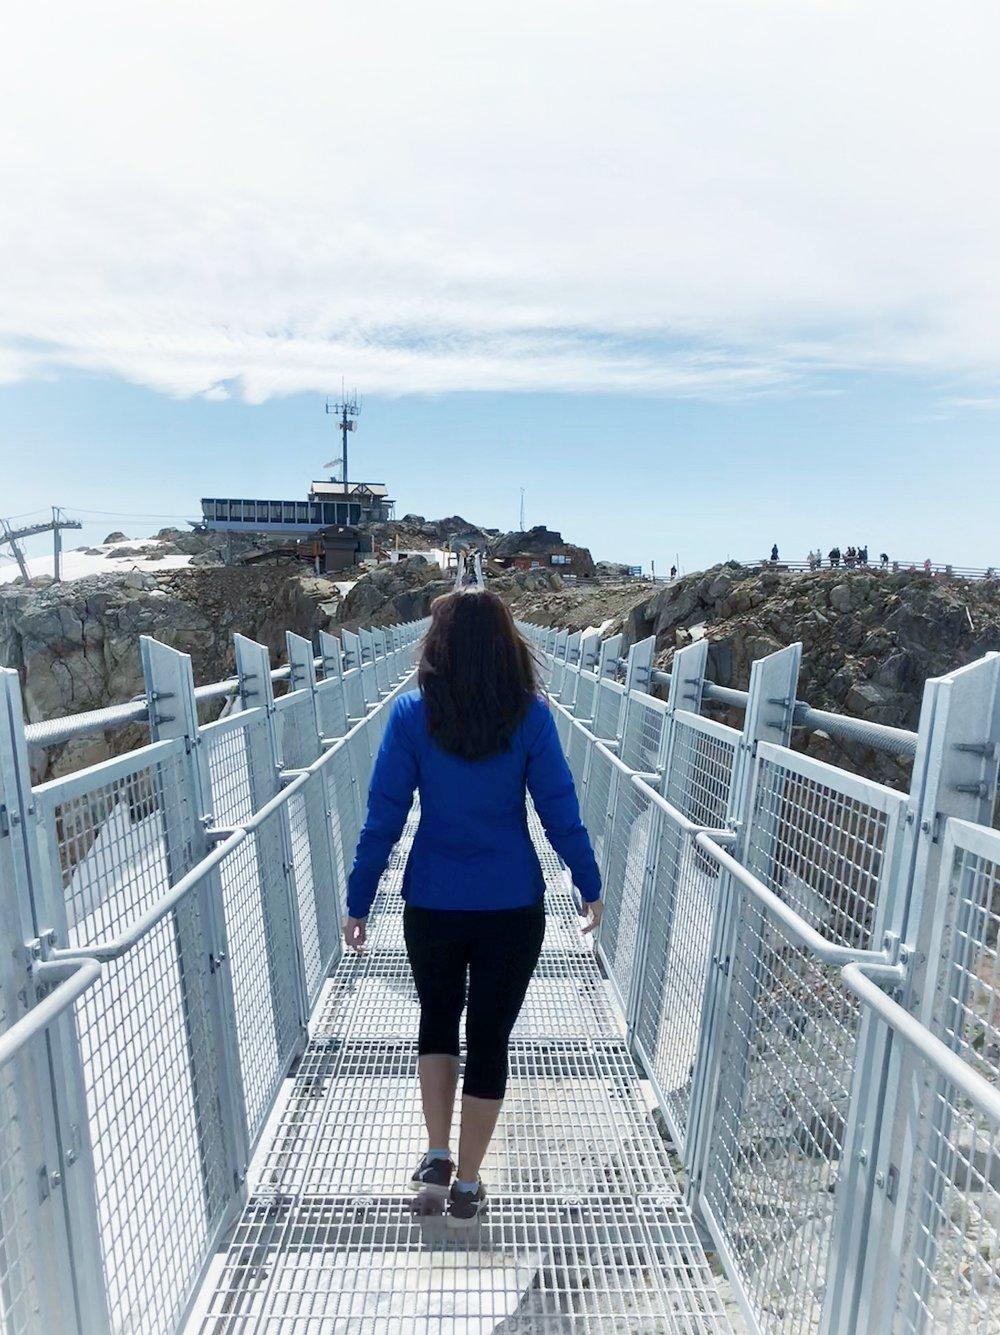 New suspension bridge on Whistler Mountain